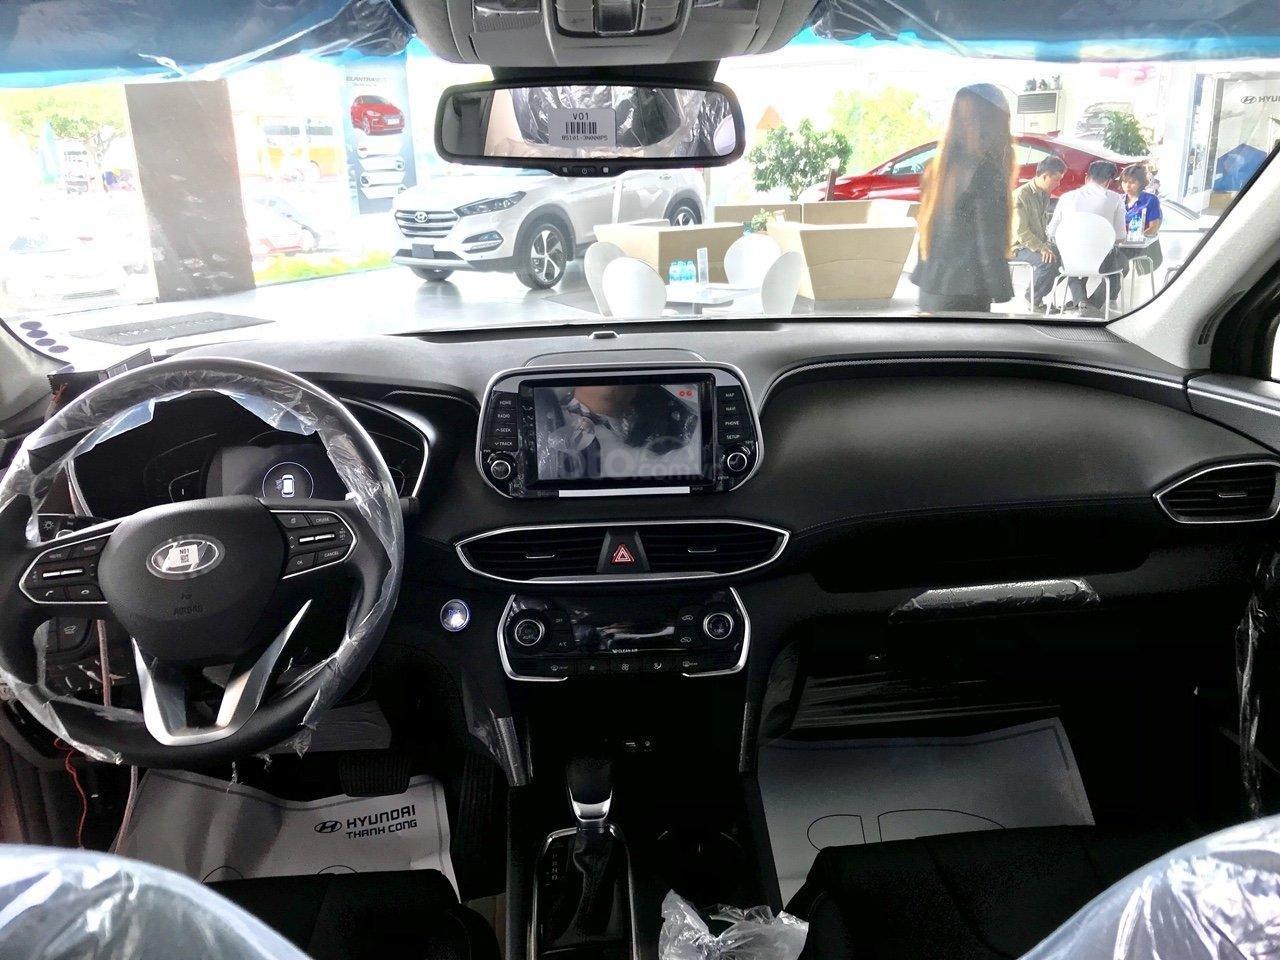 Xả kho Hyundai Santa Fe dầu đặc biệt màu đen + hỗ trợ trả trước 370tr tậu xe (4)